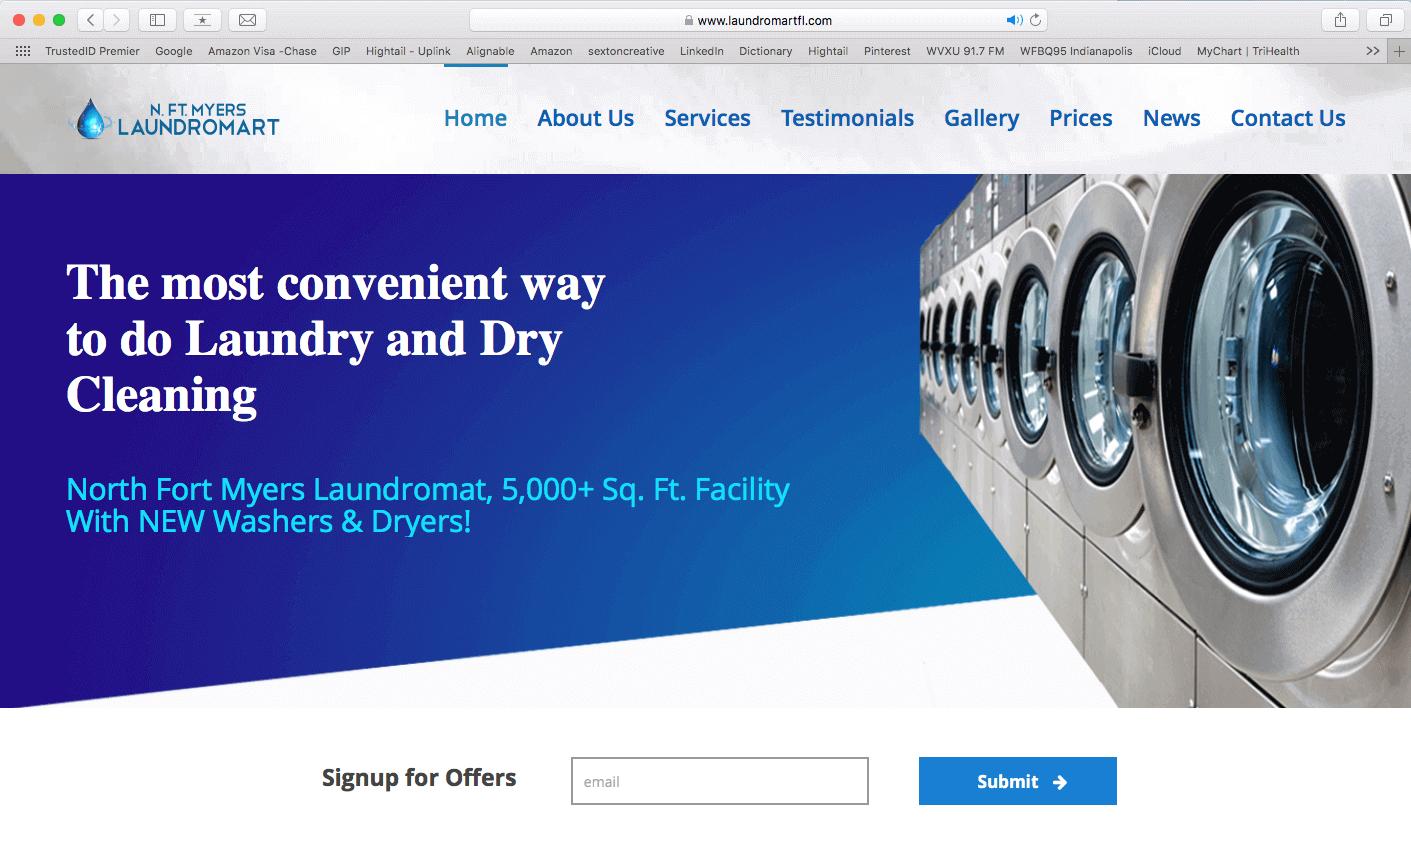 https://www.laundromartfl.com